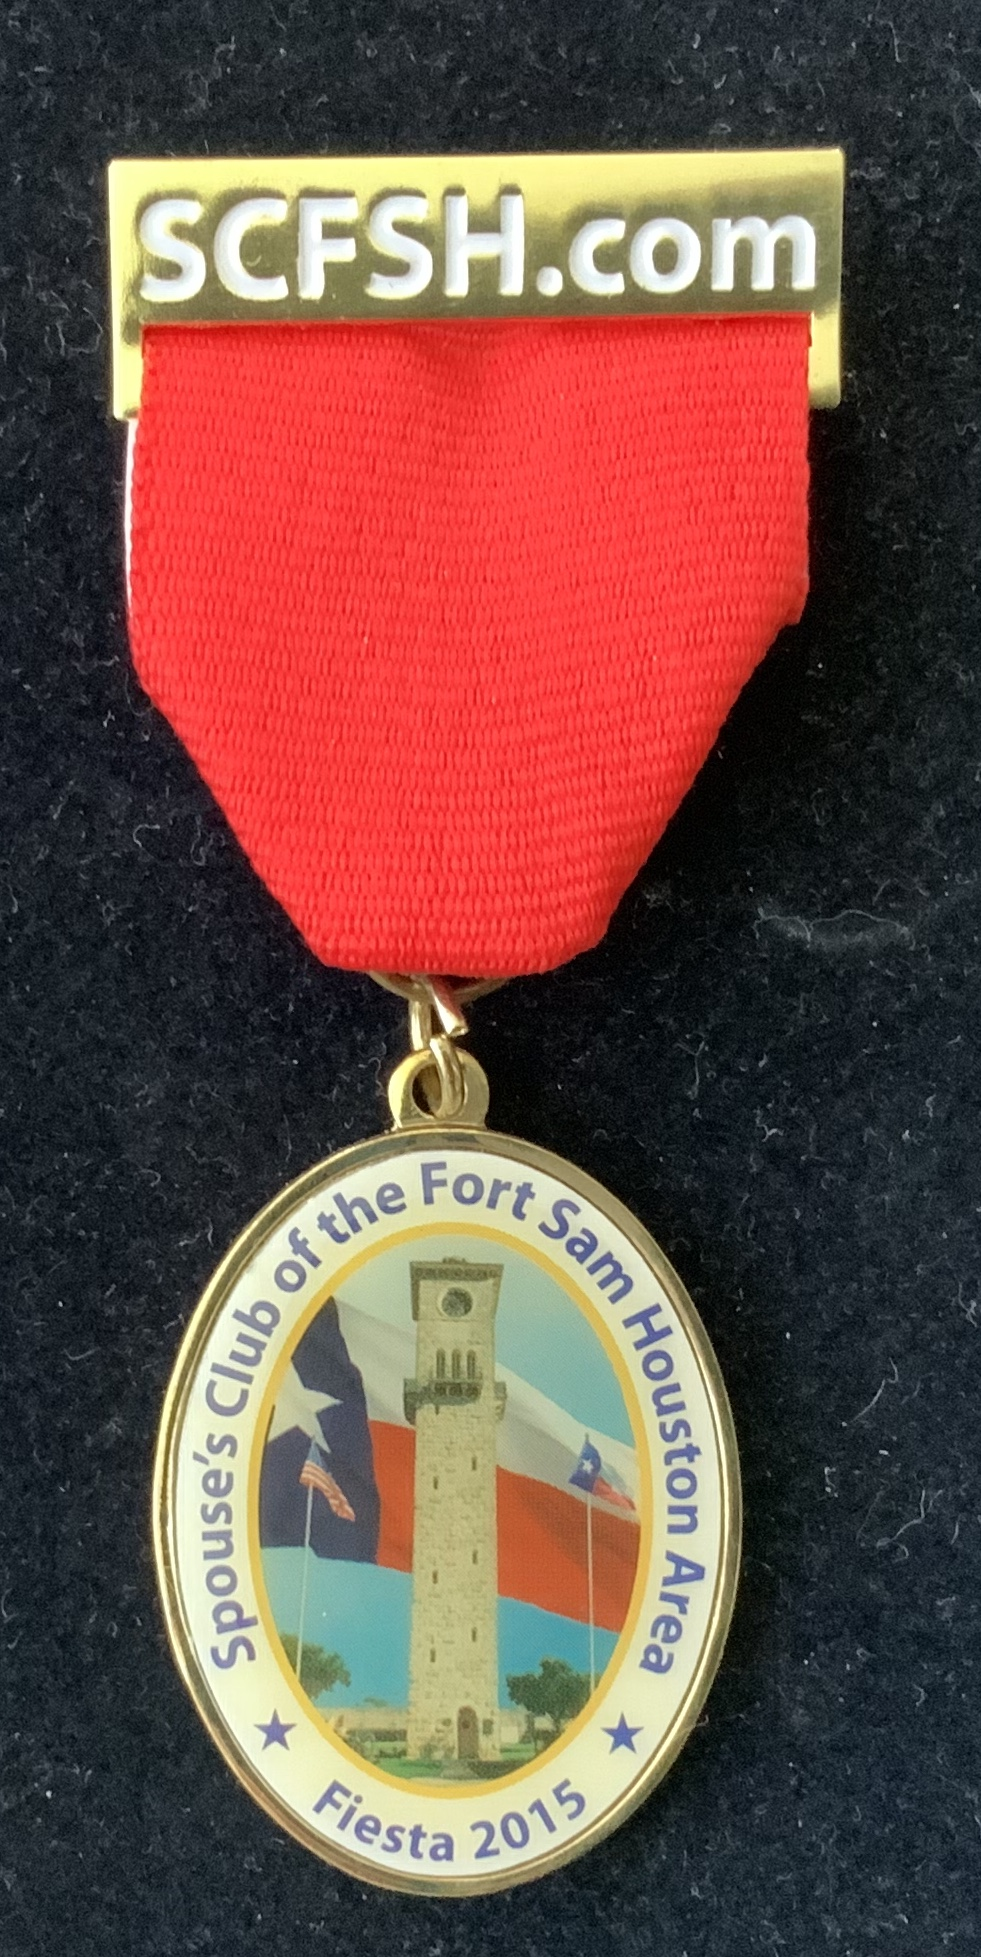 Fiesta Medal 2015